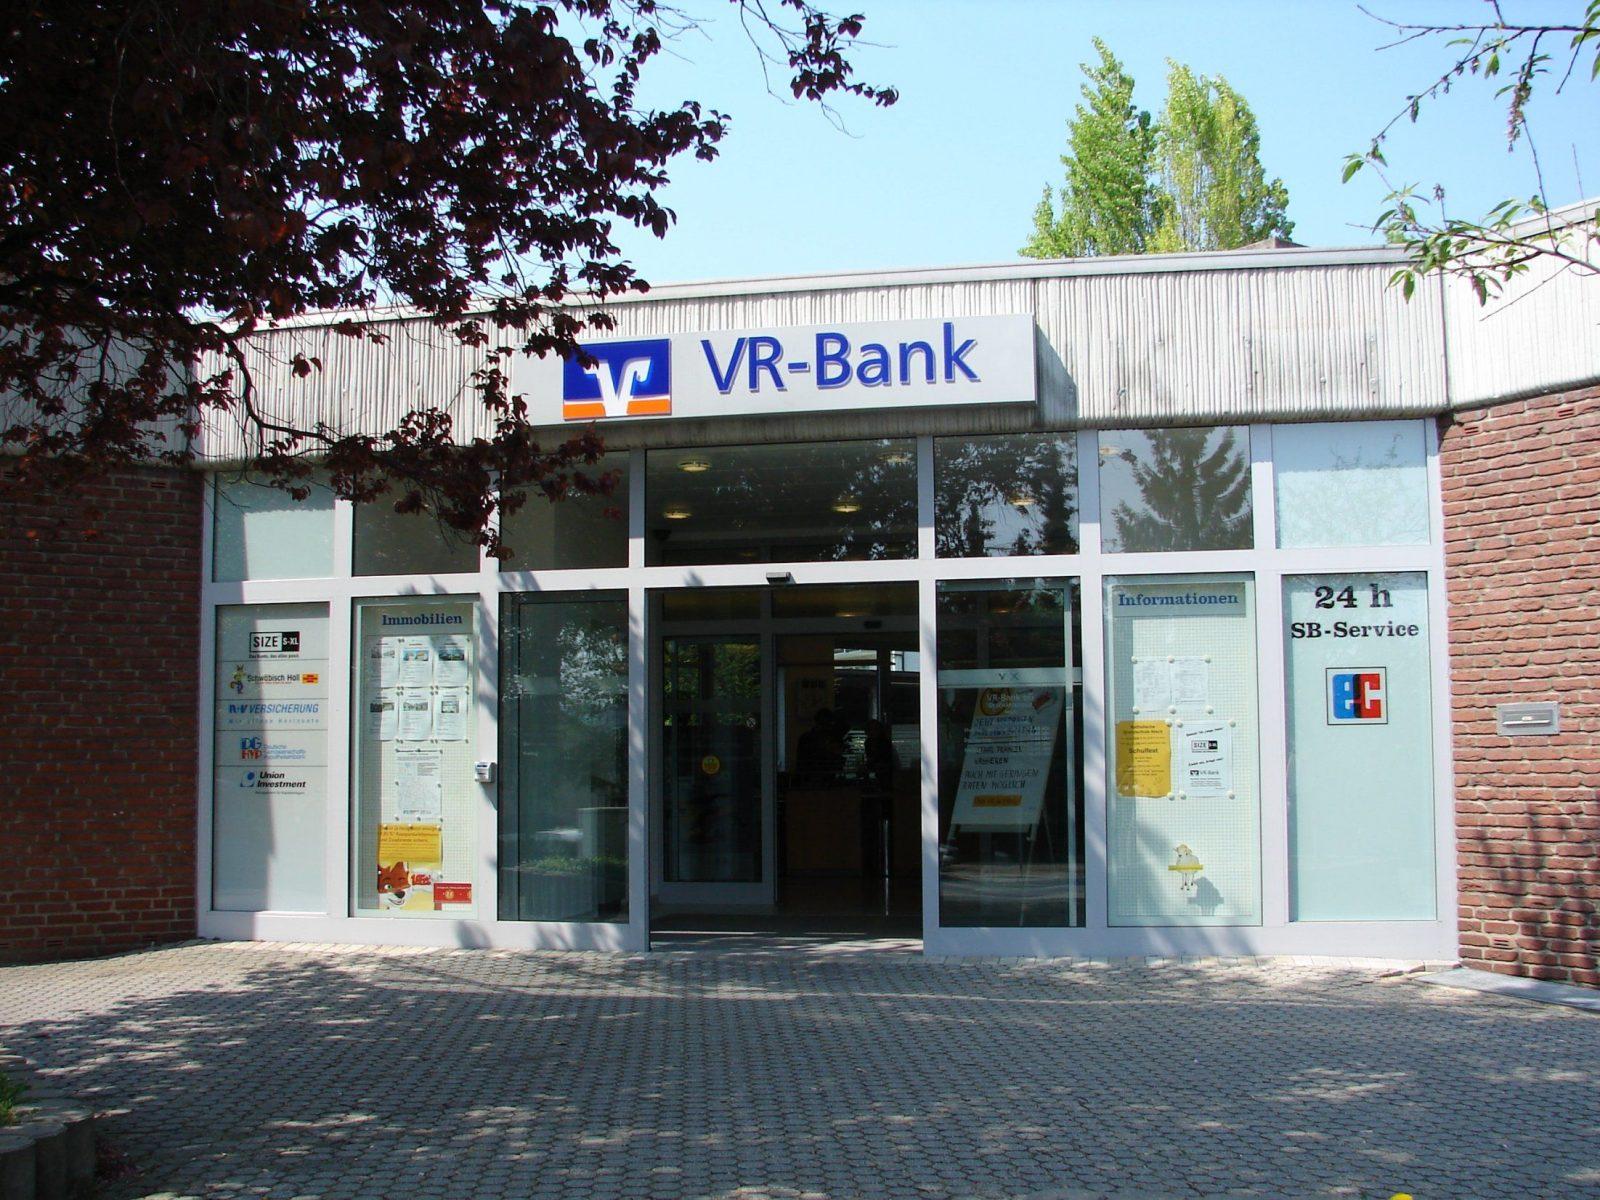 Vrbank Eg  Region Aachen Geldautomat Atsch  Banken Stolberg von Vr Bank Eg Region Aachen Hauptstelle Würselen Photo